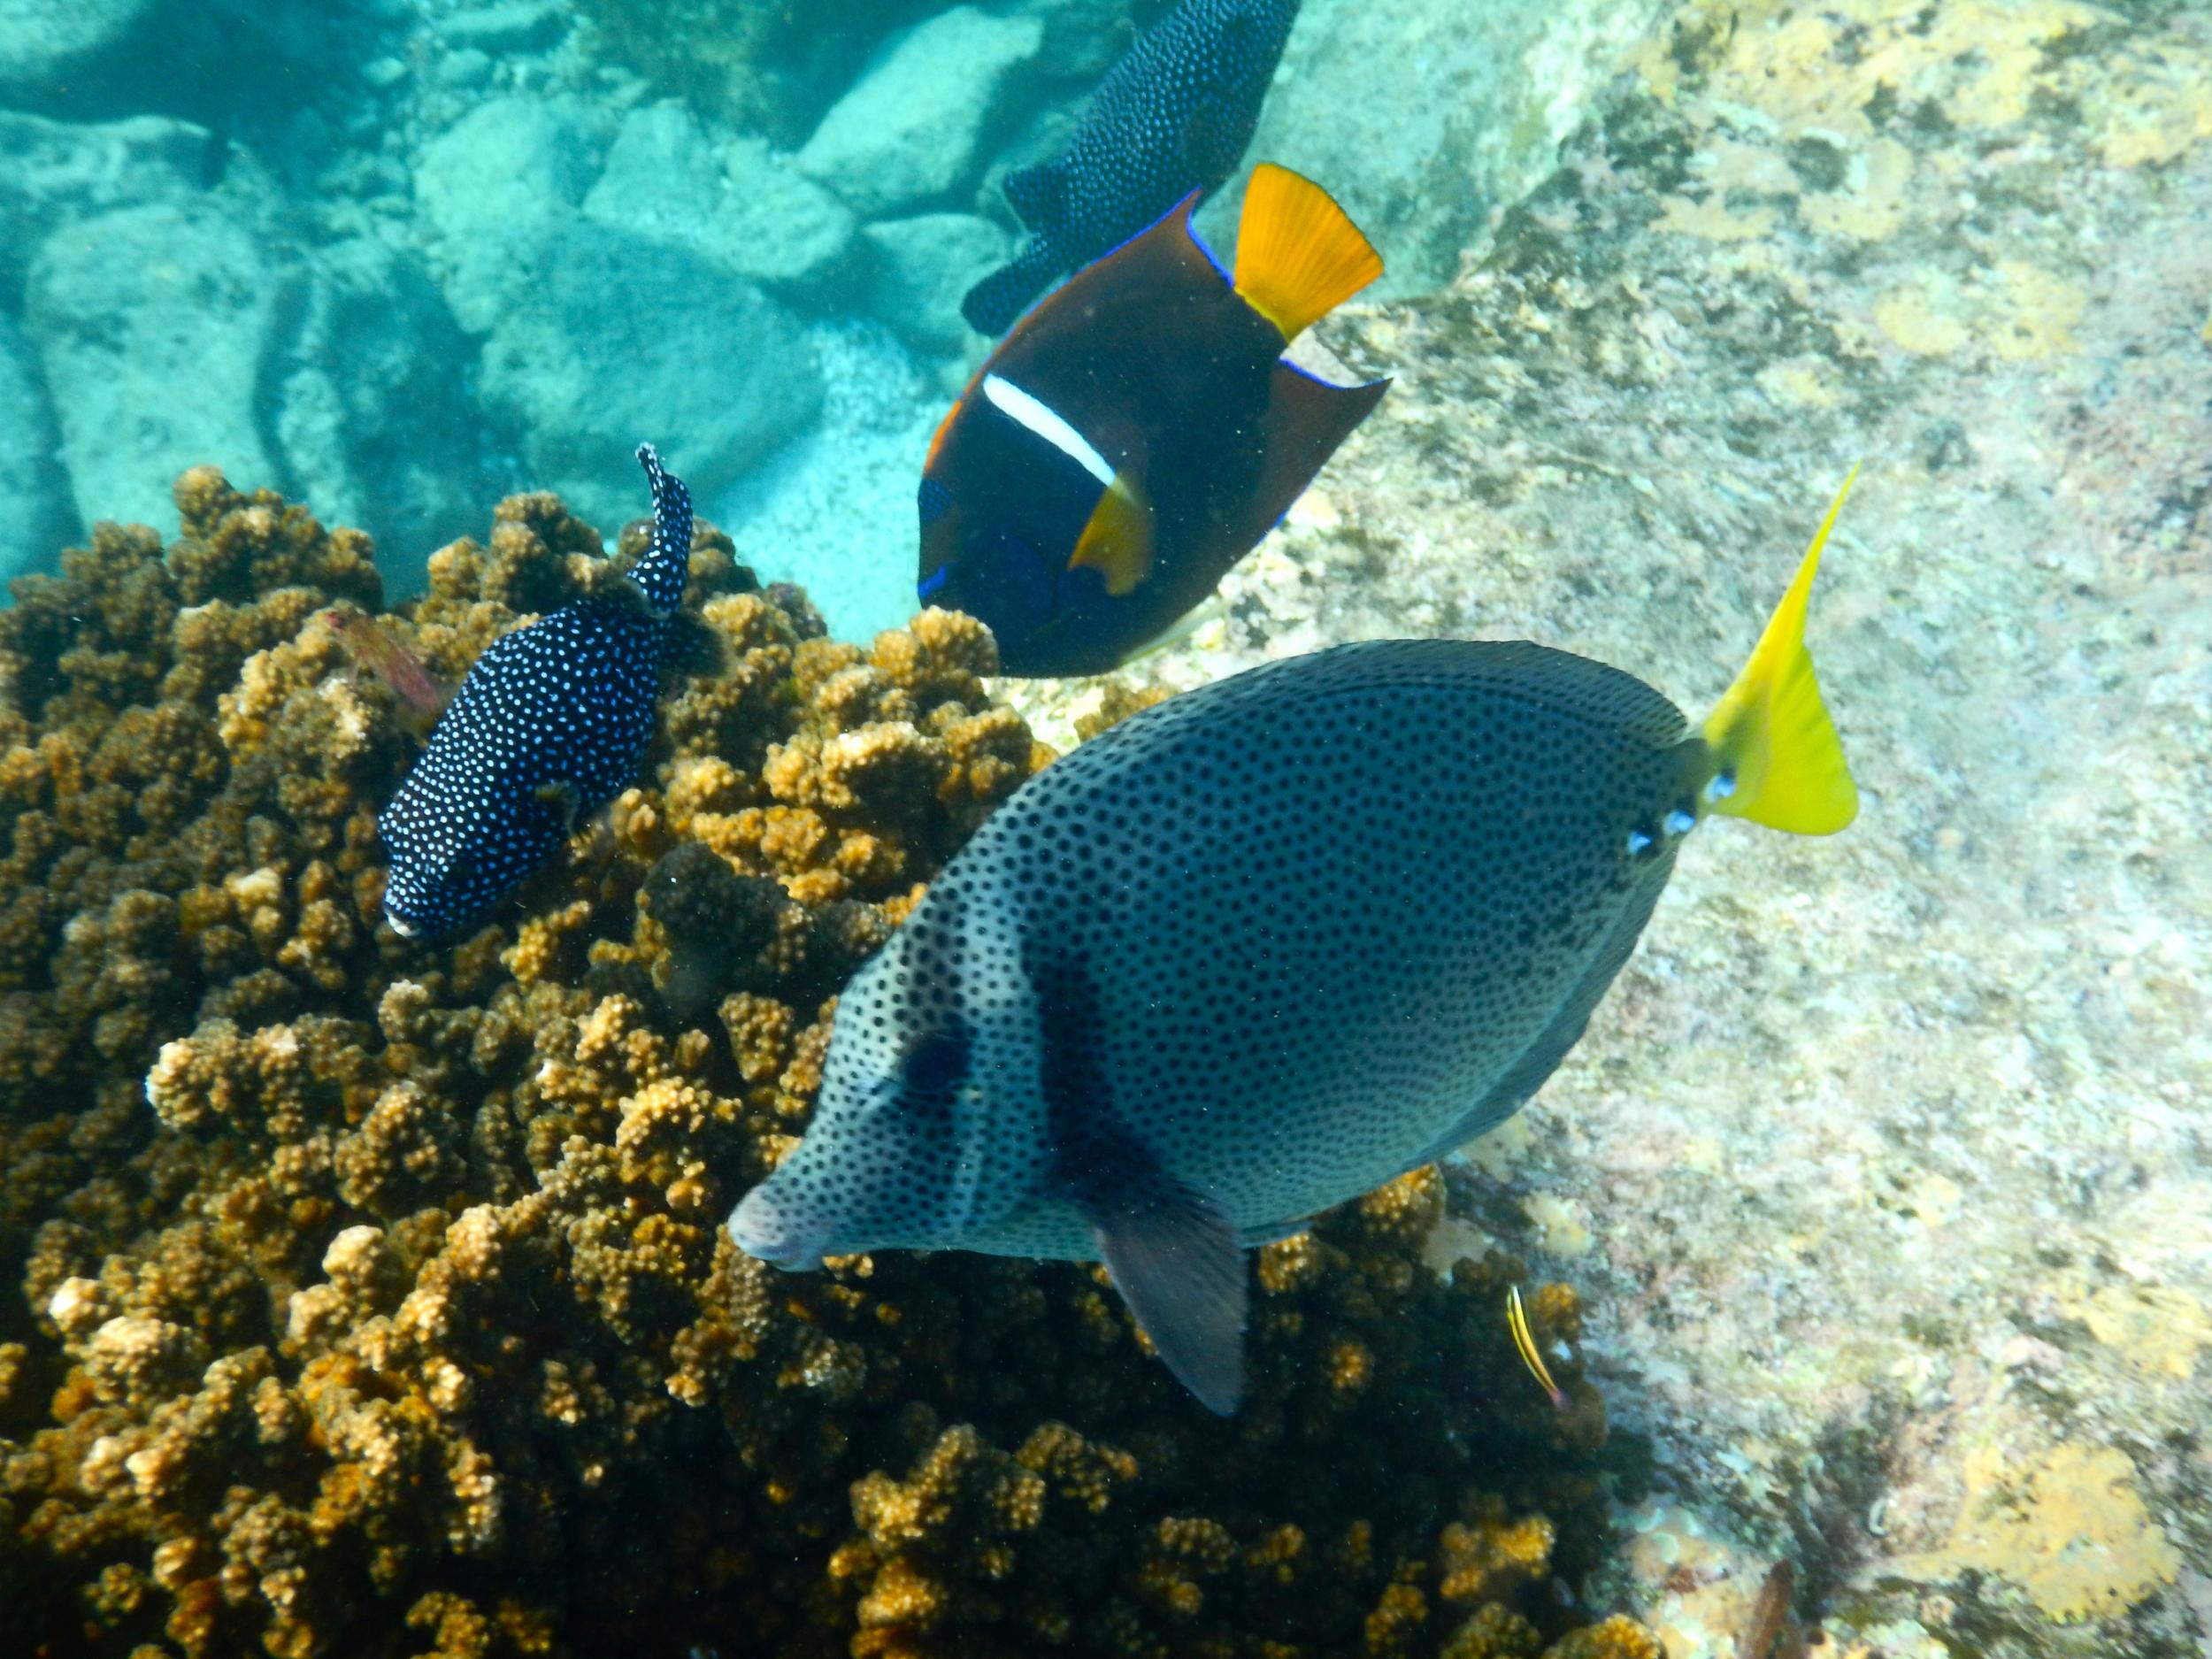 9. Fish at Los Islotes